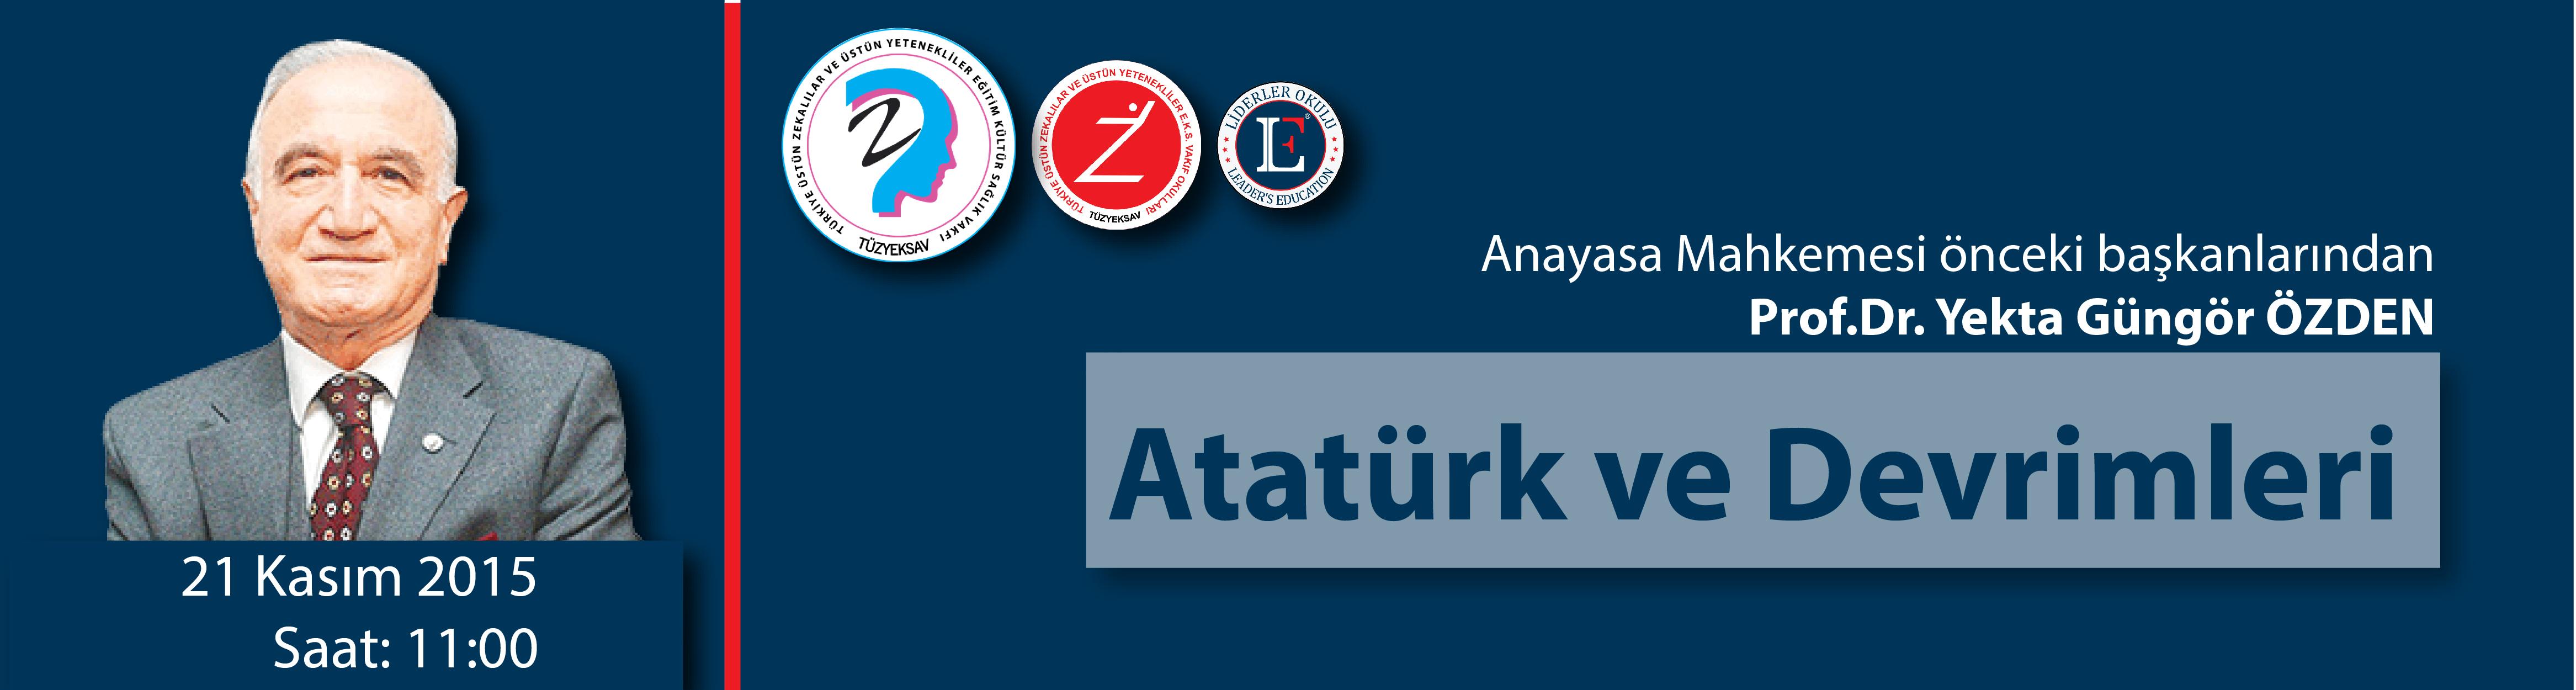 websöylesi-01